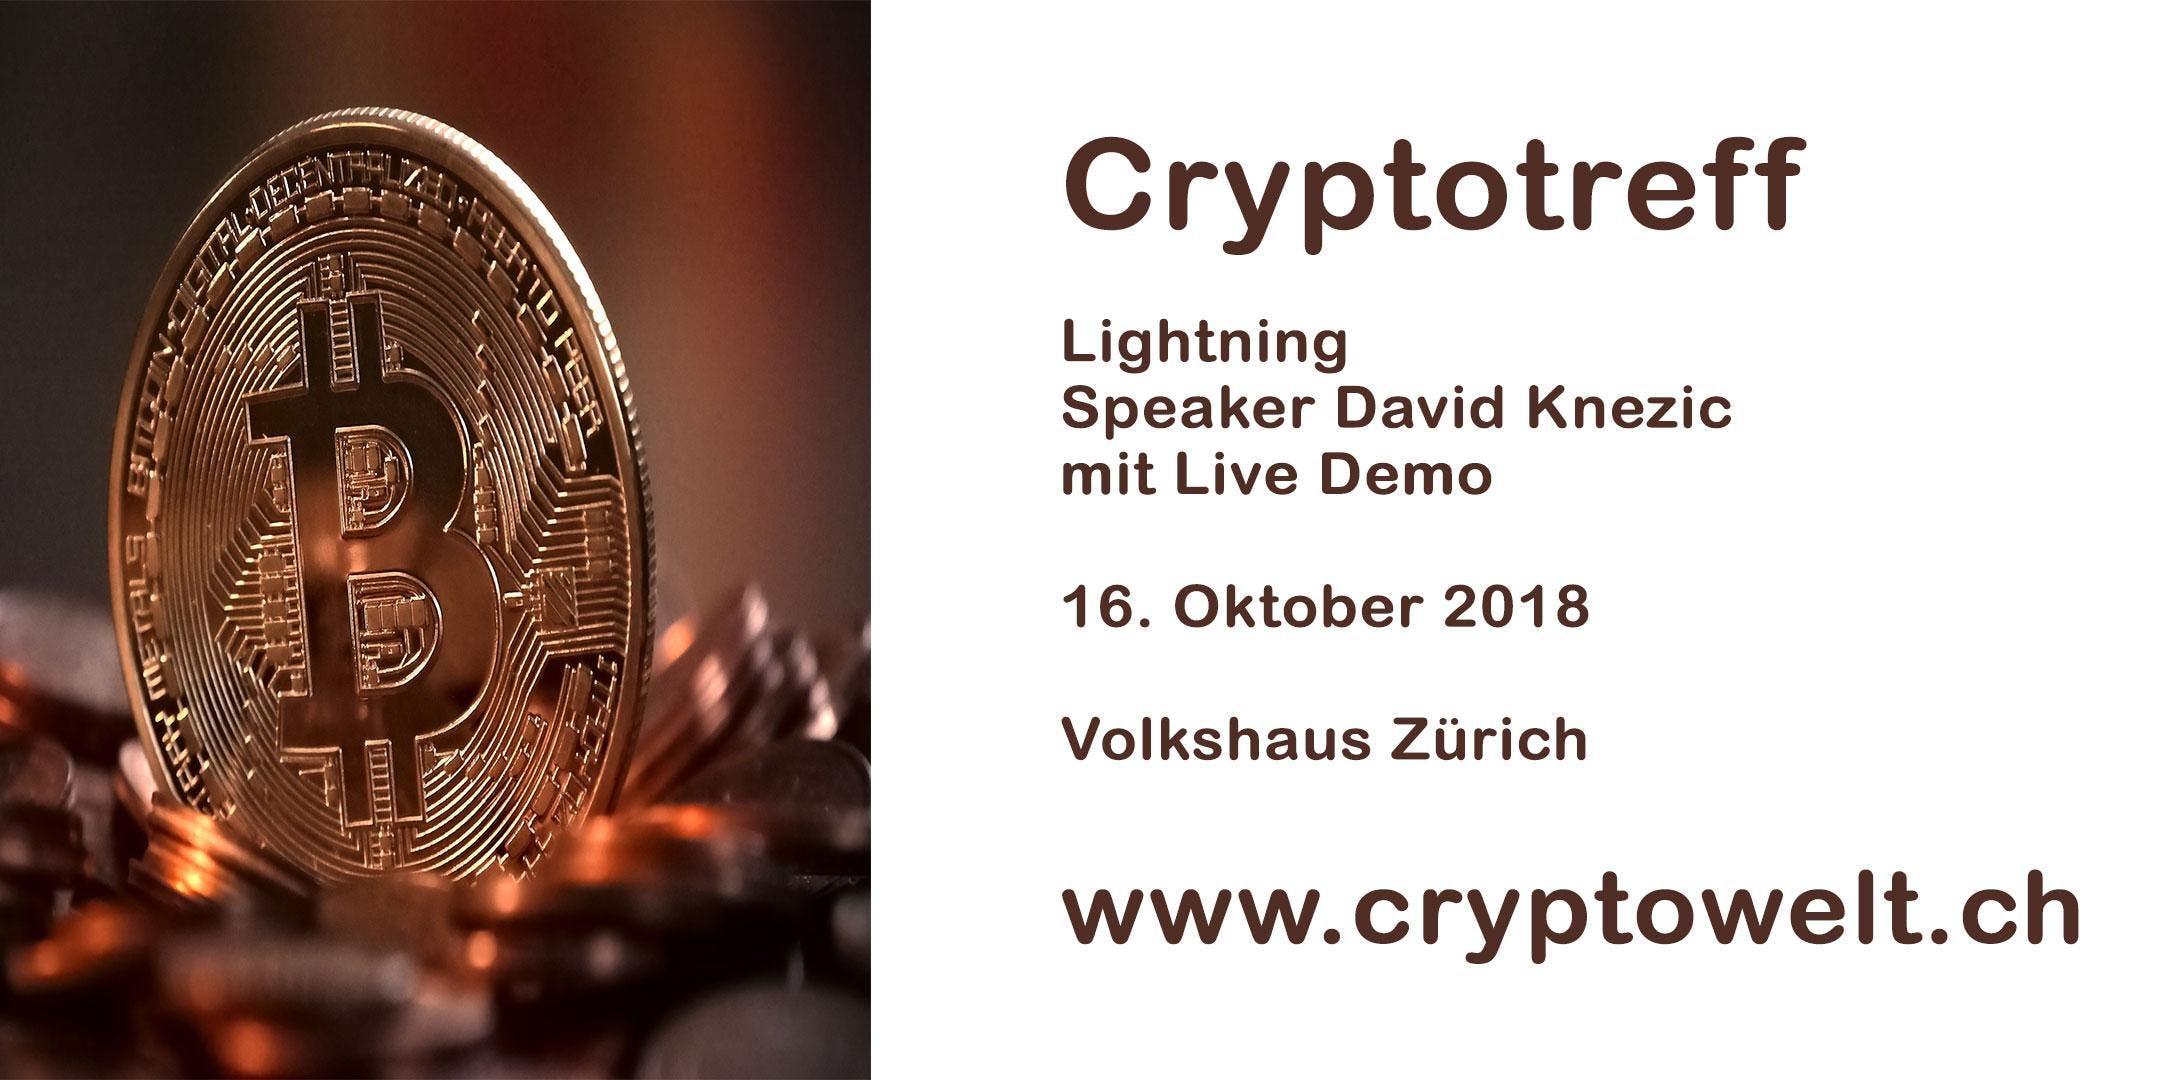 Cryptotreff - Bitcoin - Lightning - Volkshaus Zürich